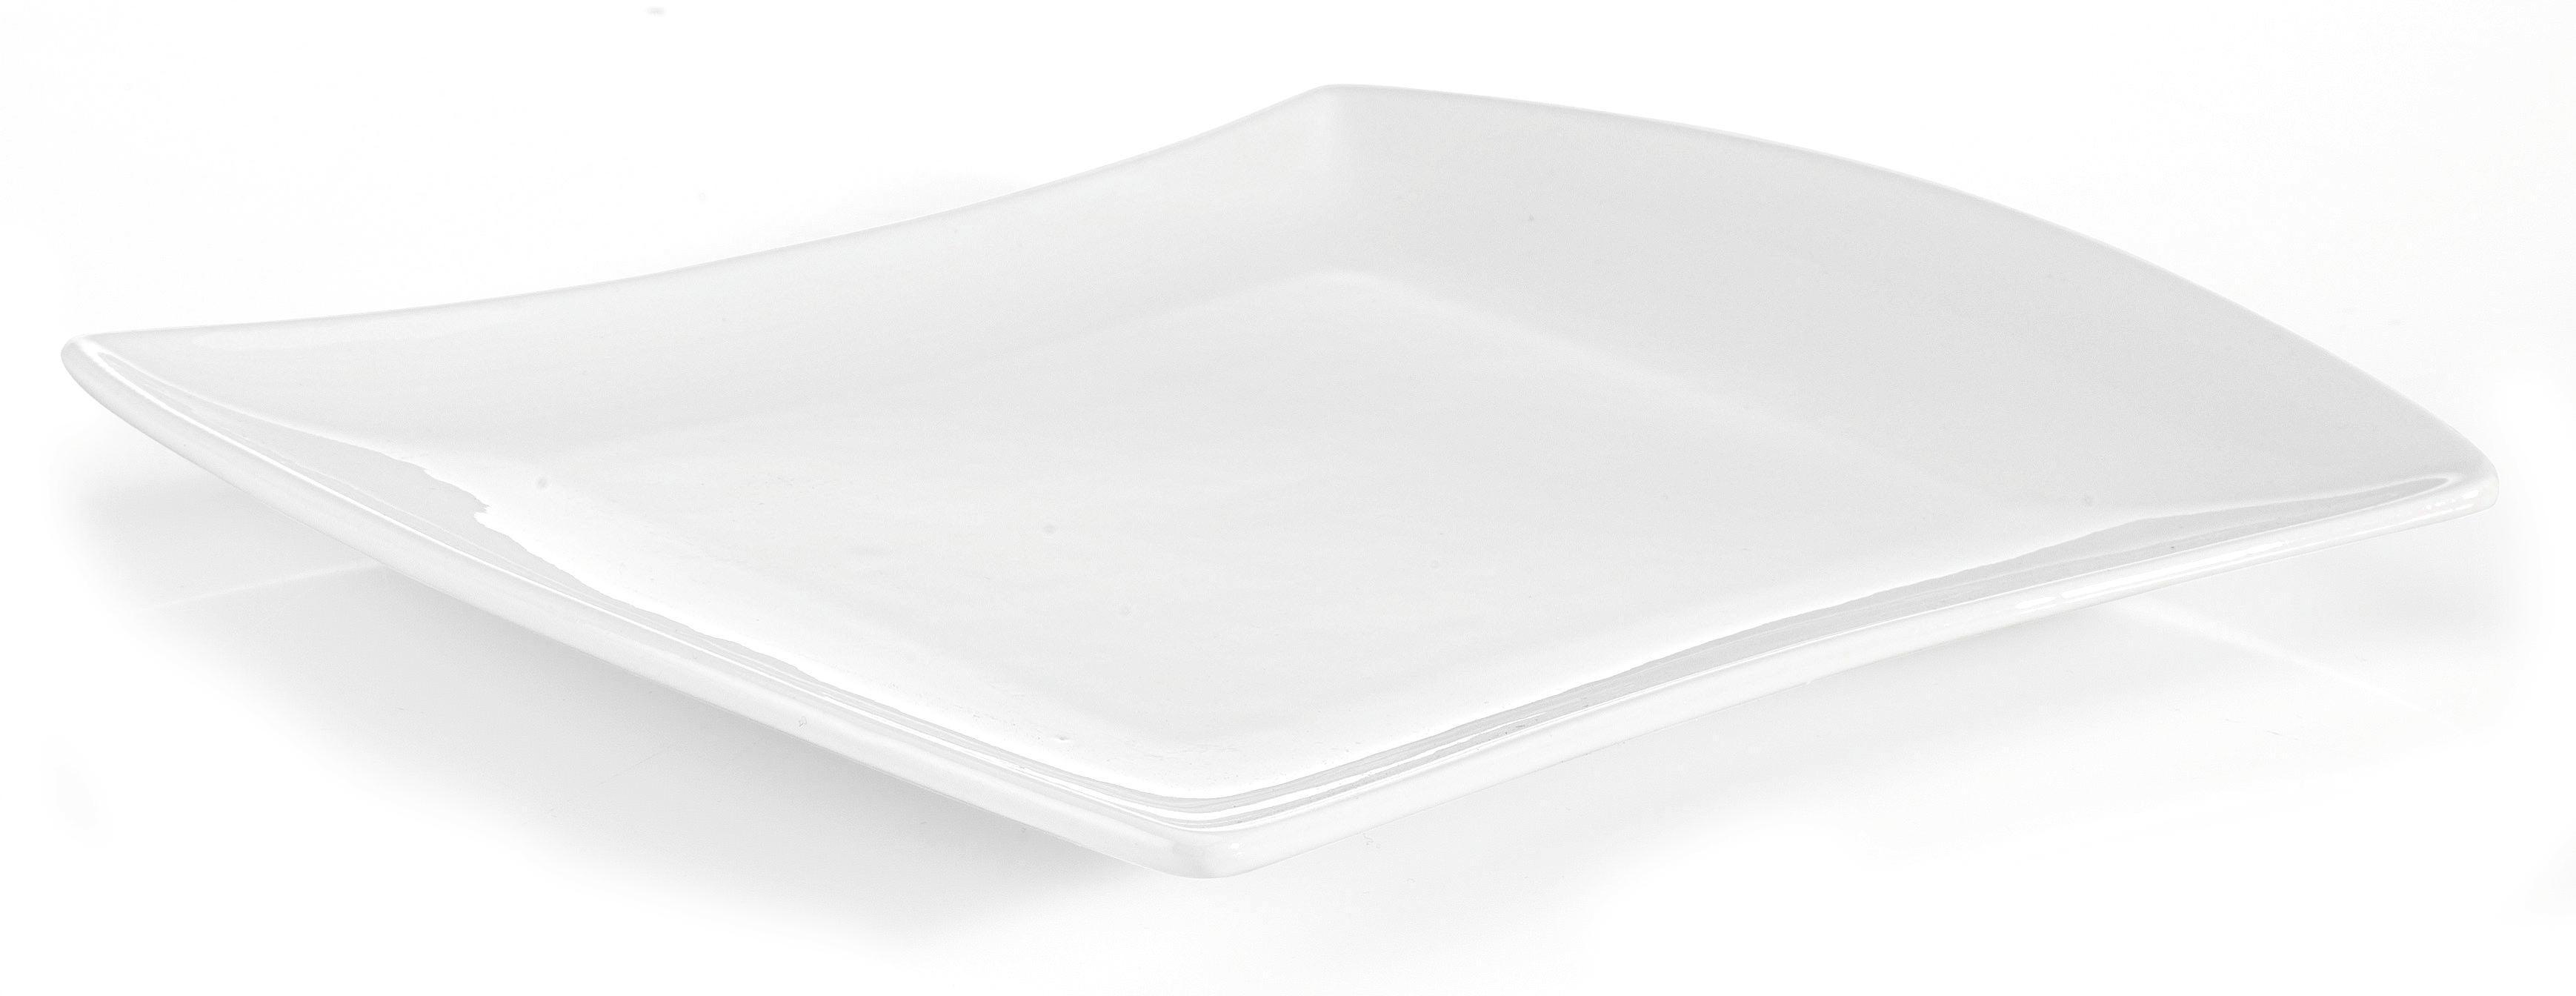 Desertni Krožnik Tacoma - bela, Trendi, keramika (18,3/21cm) - premium living